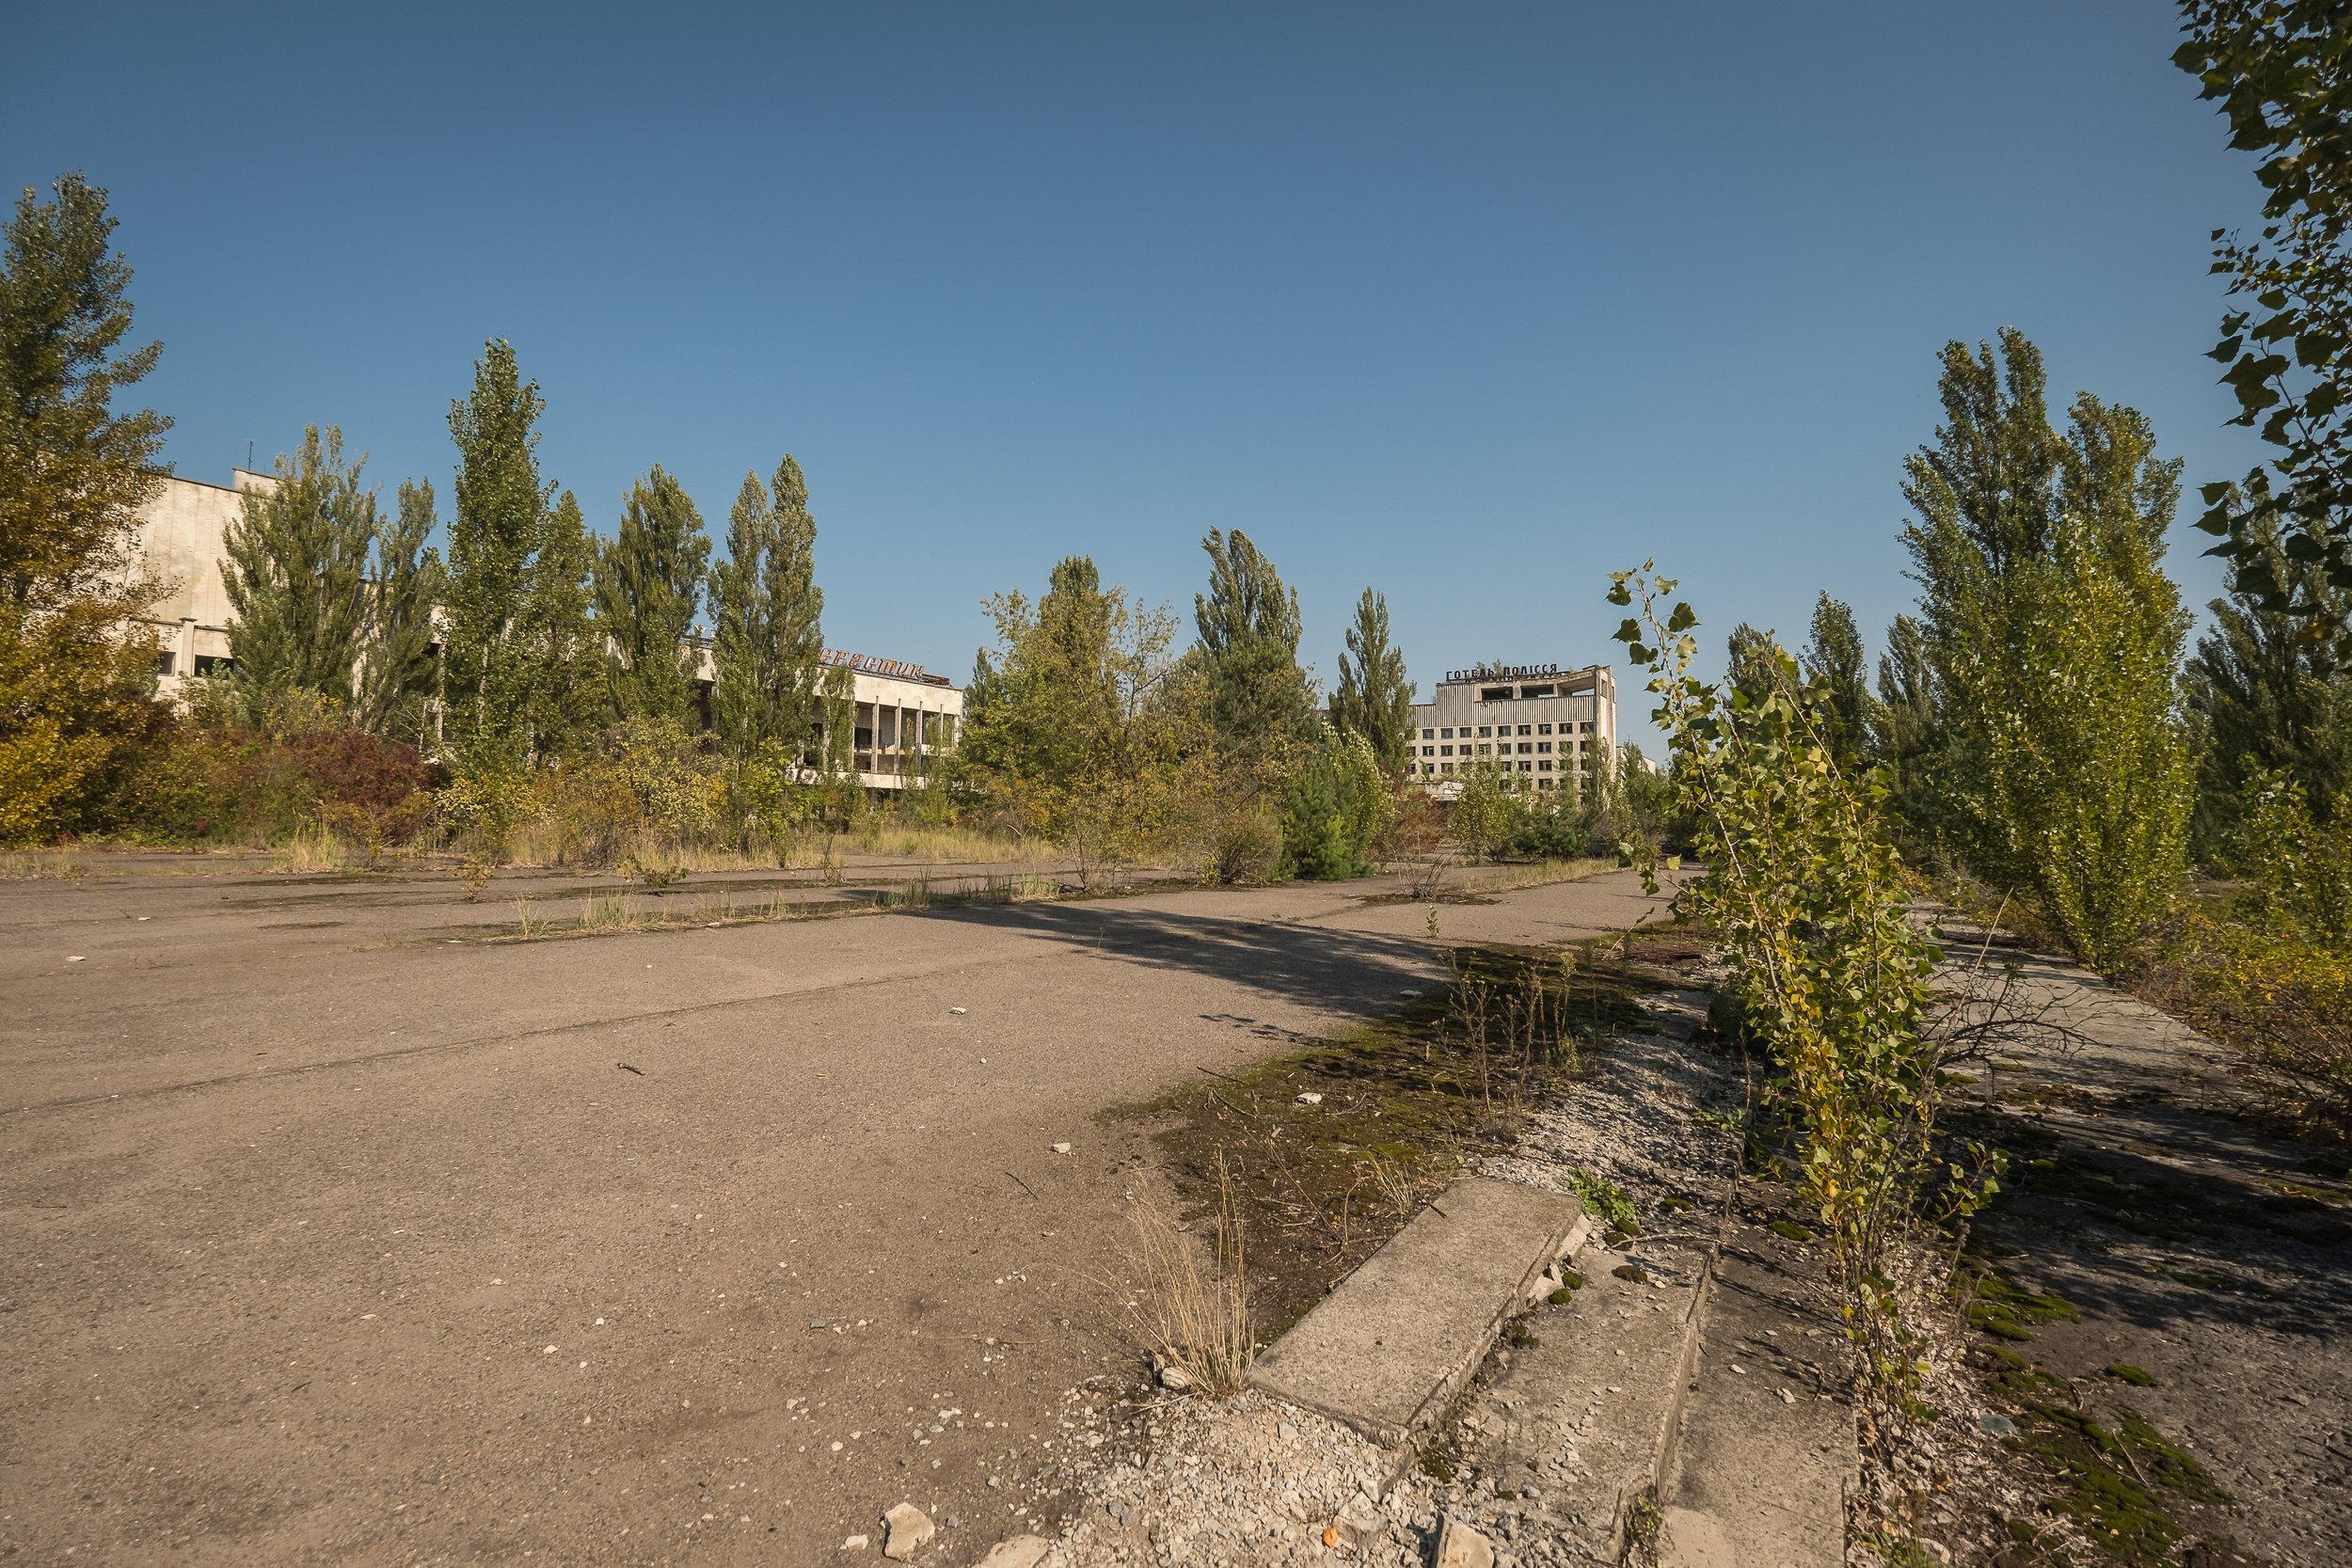 looking towards Hotel Polissya